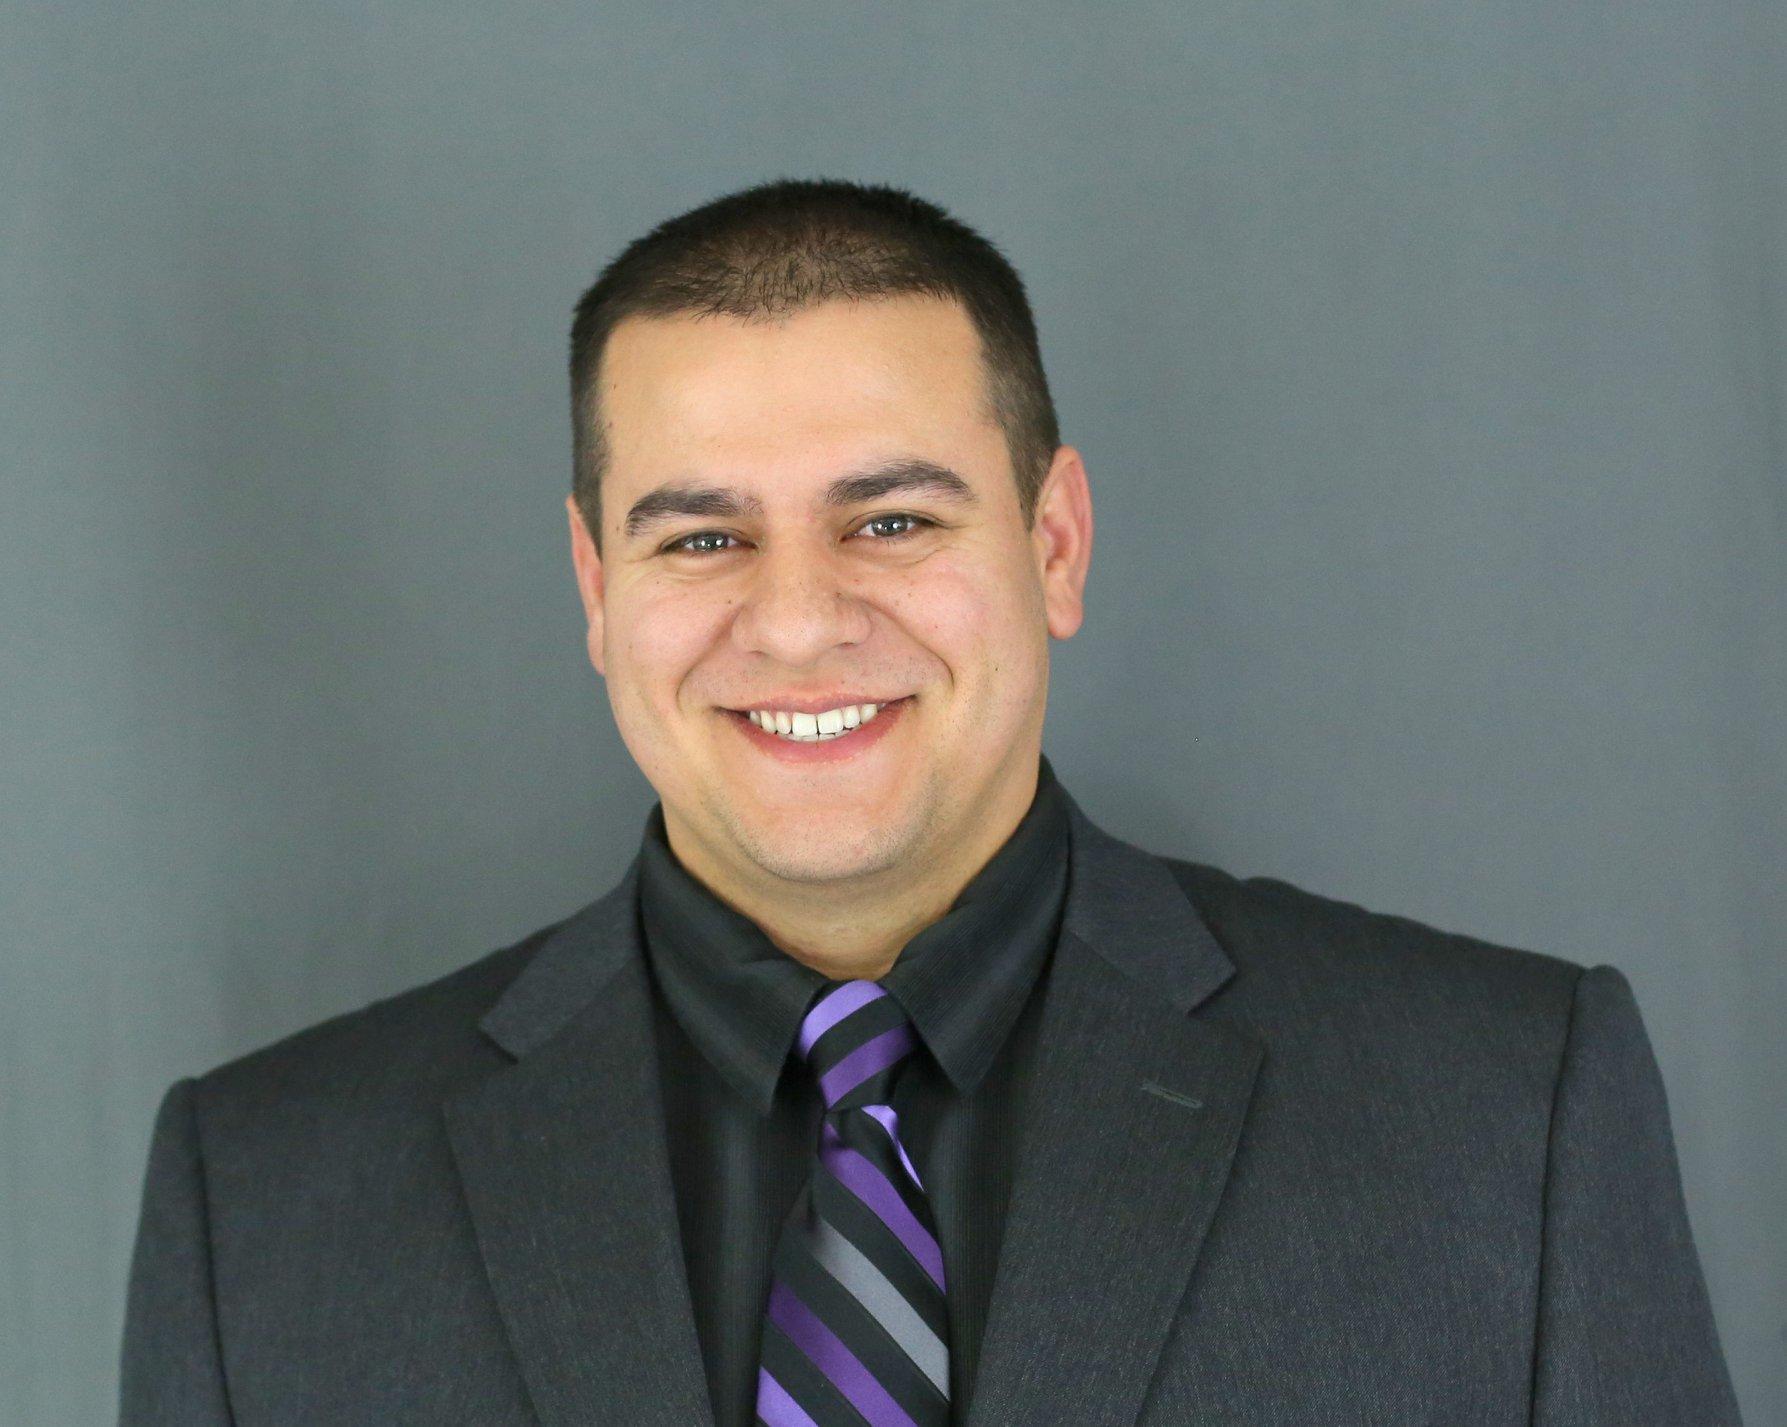 Michael Hurduc<br>Events Coordinator